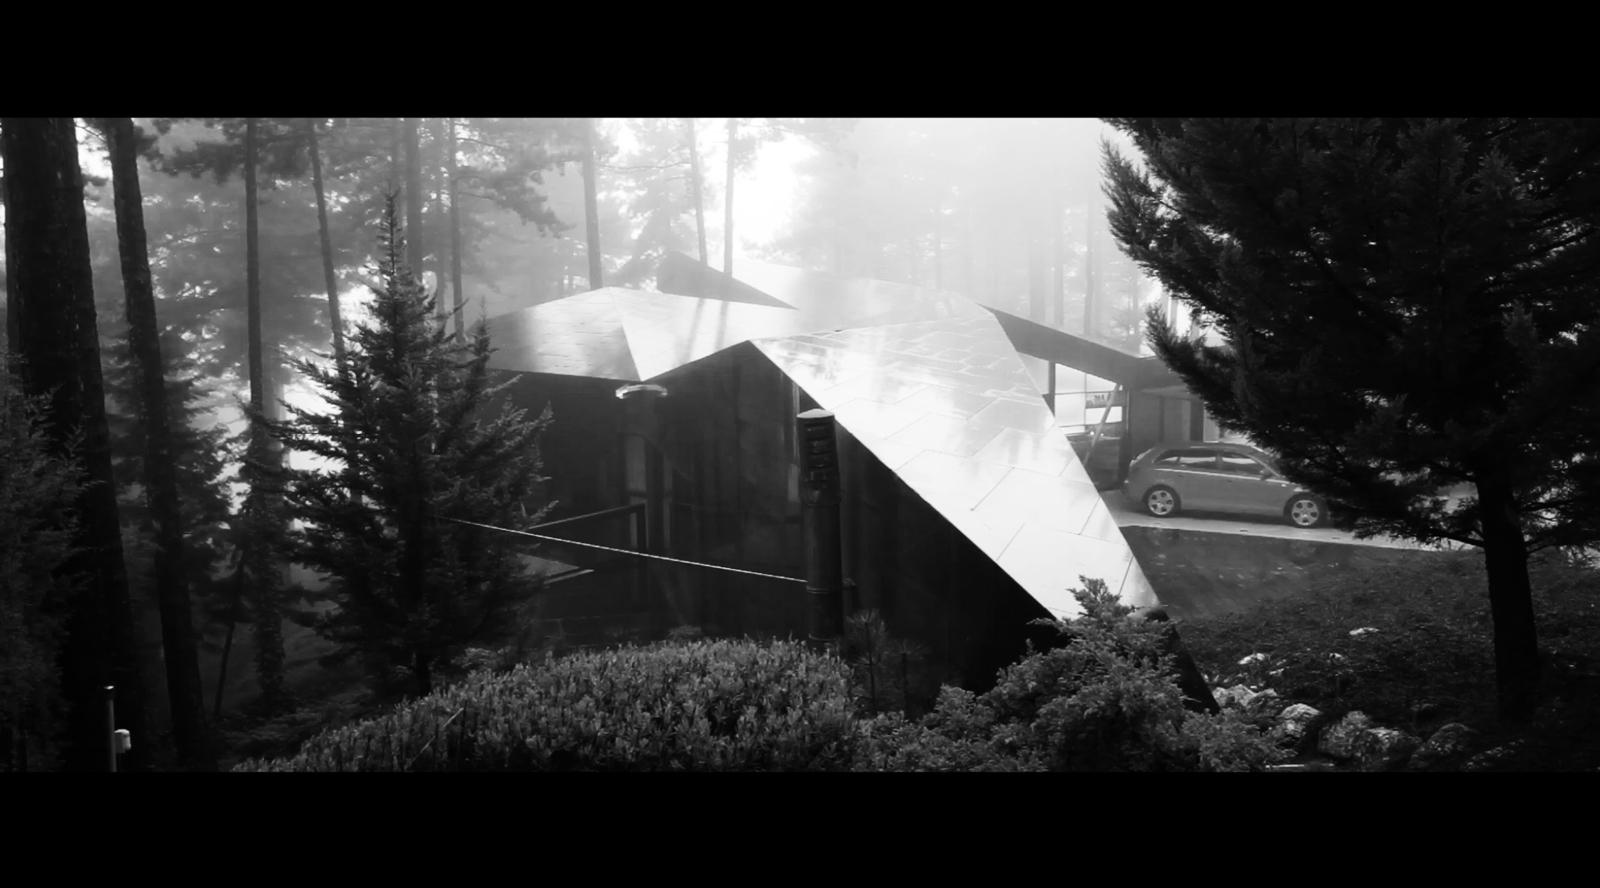 Maaike-Klaasen-Pablo-Curto-05